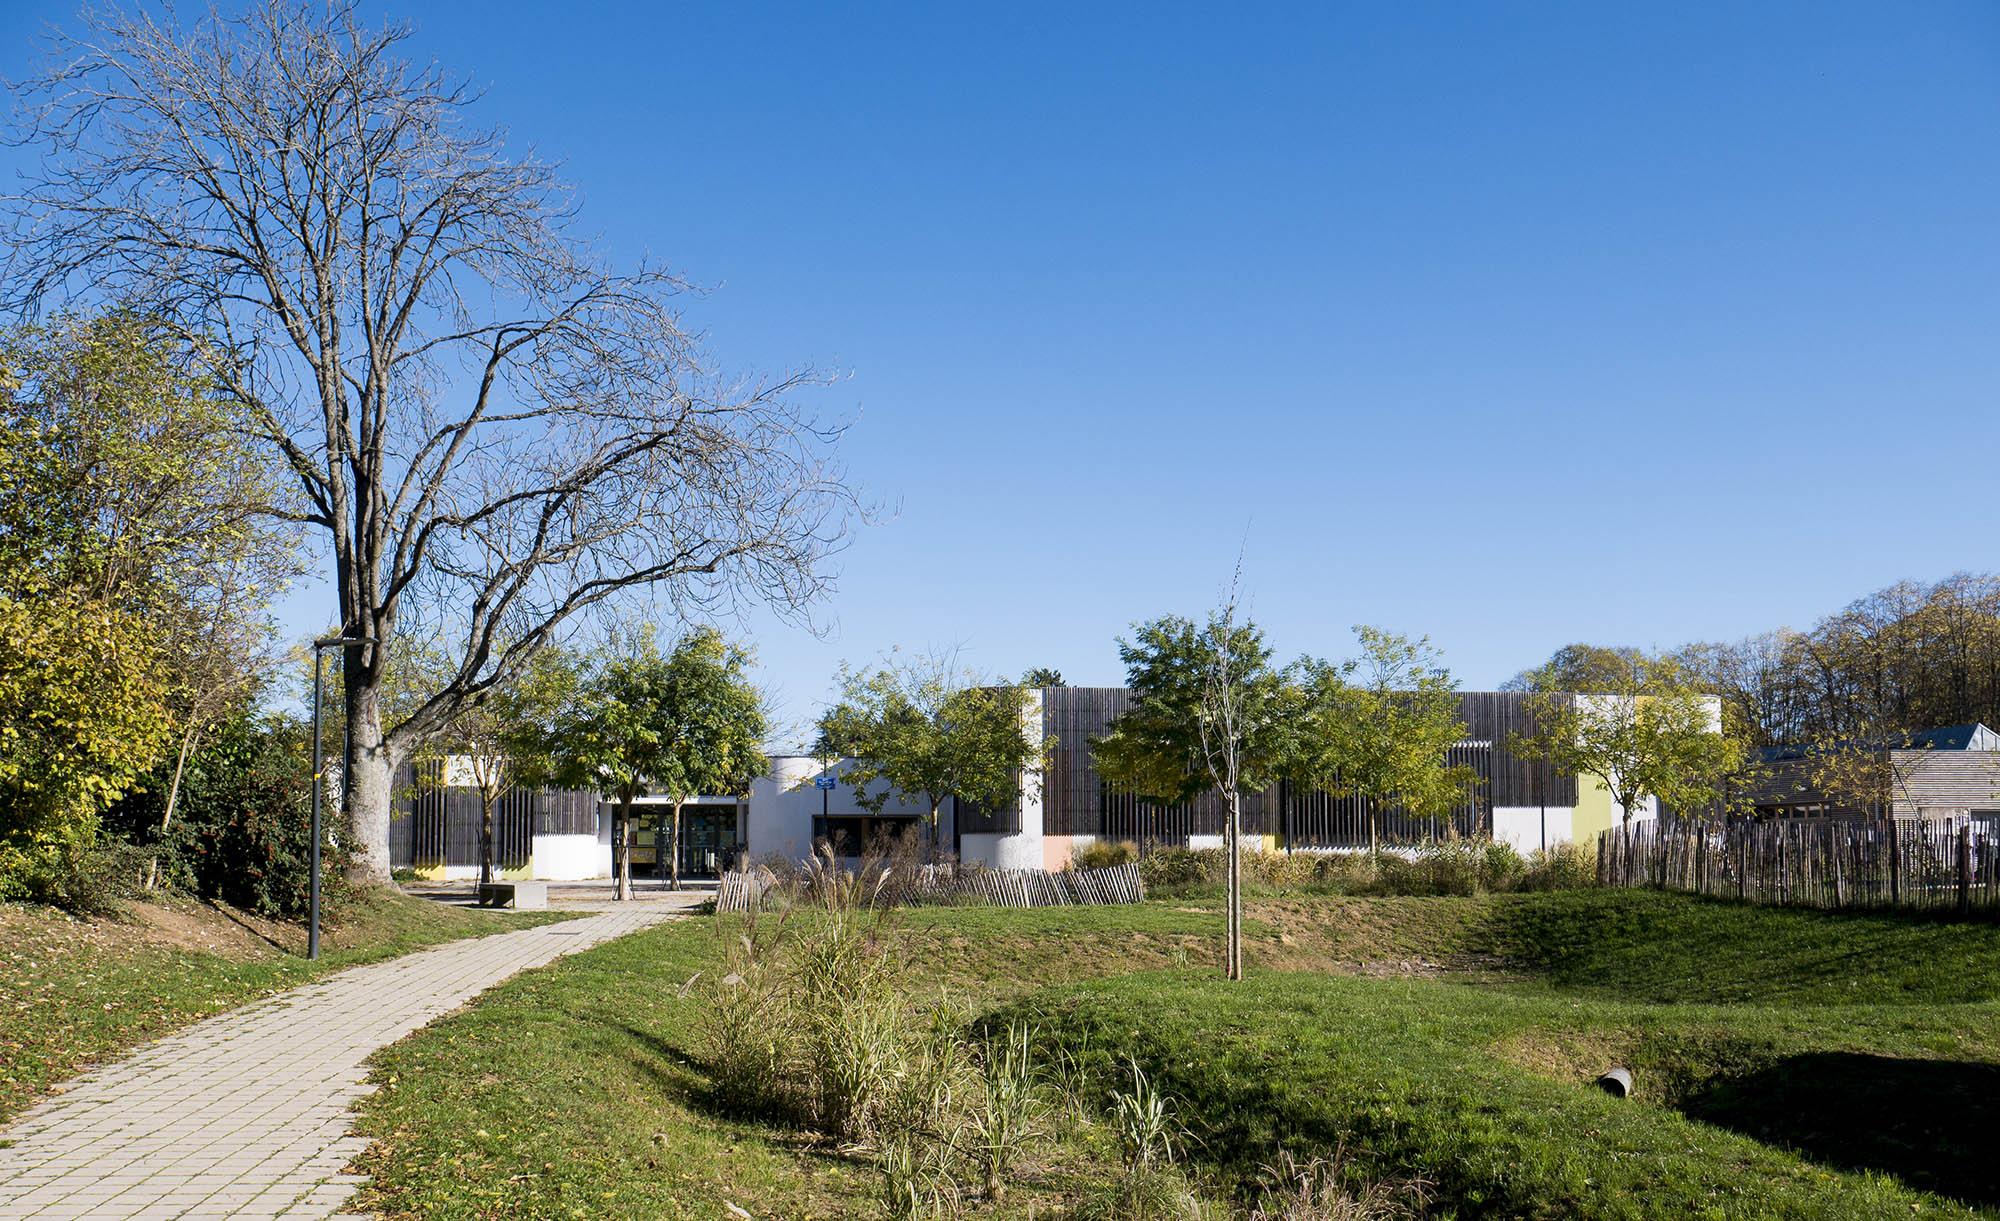 Chouette-architecture-EXTENSION-DES-ÉCOLES-MATERNELLE-ET-ÉLÉMENTAIRE-DU-GROUPE-SCOLAIRE-MONTMUZARD-Dijon-2000-8